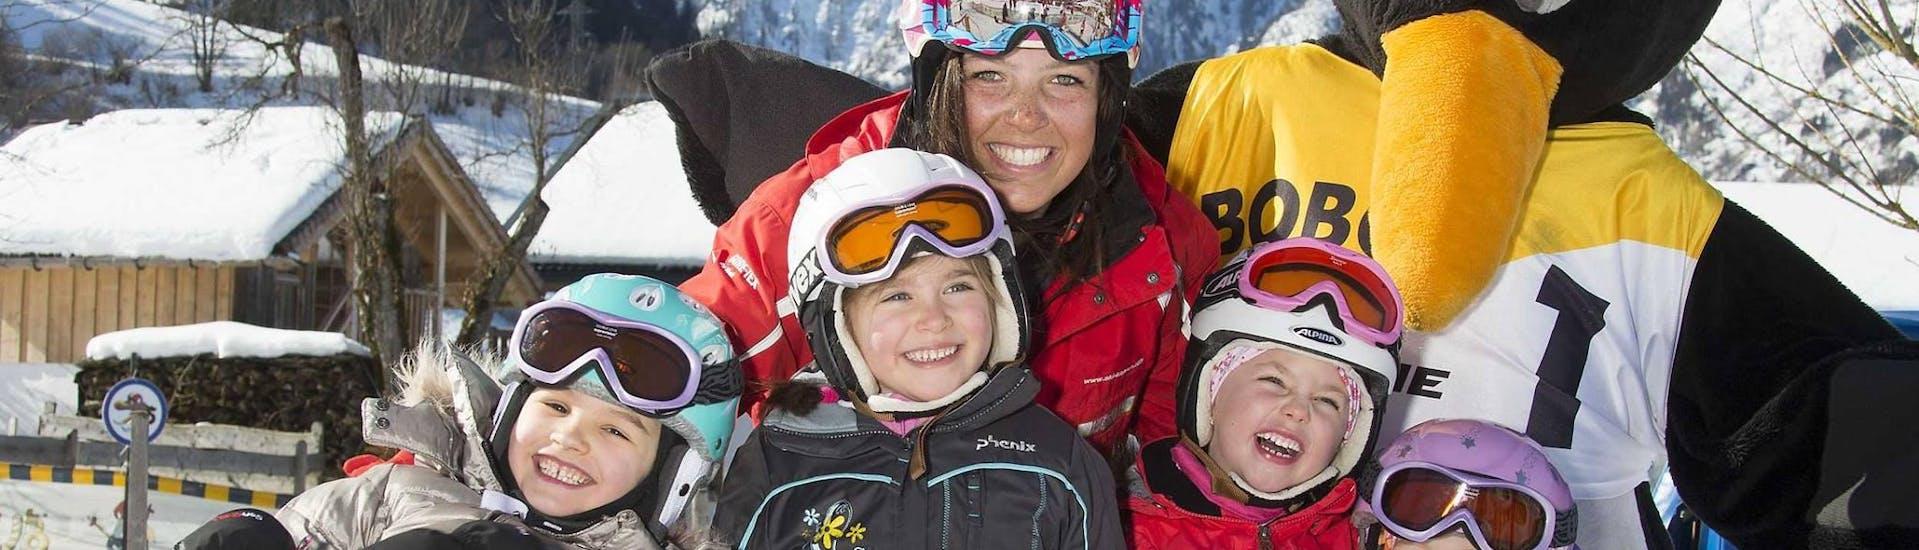 """Skilessen """"All-In-One"""" (4-15 jaar) - Beginners met Ski Dome Viehhofen - Hero image"""